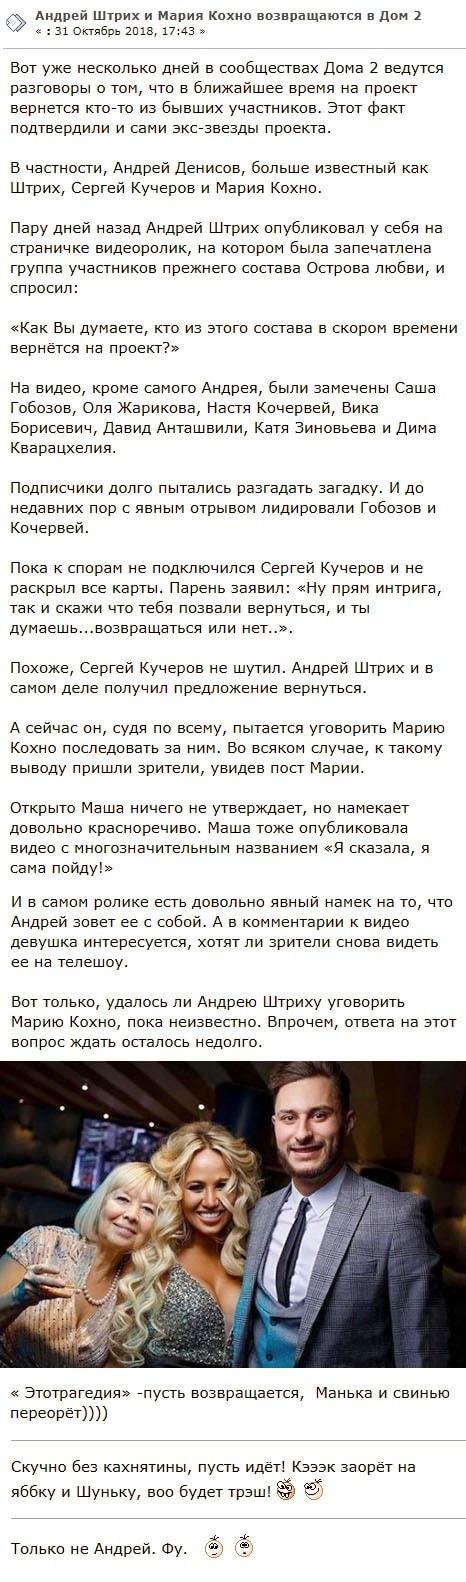 Андрей Денисов и Мария Кохно намекнули на скорое возвращение